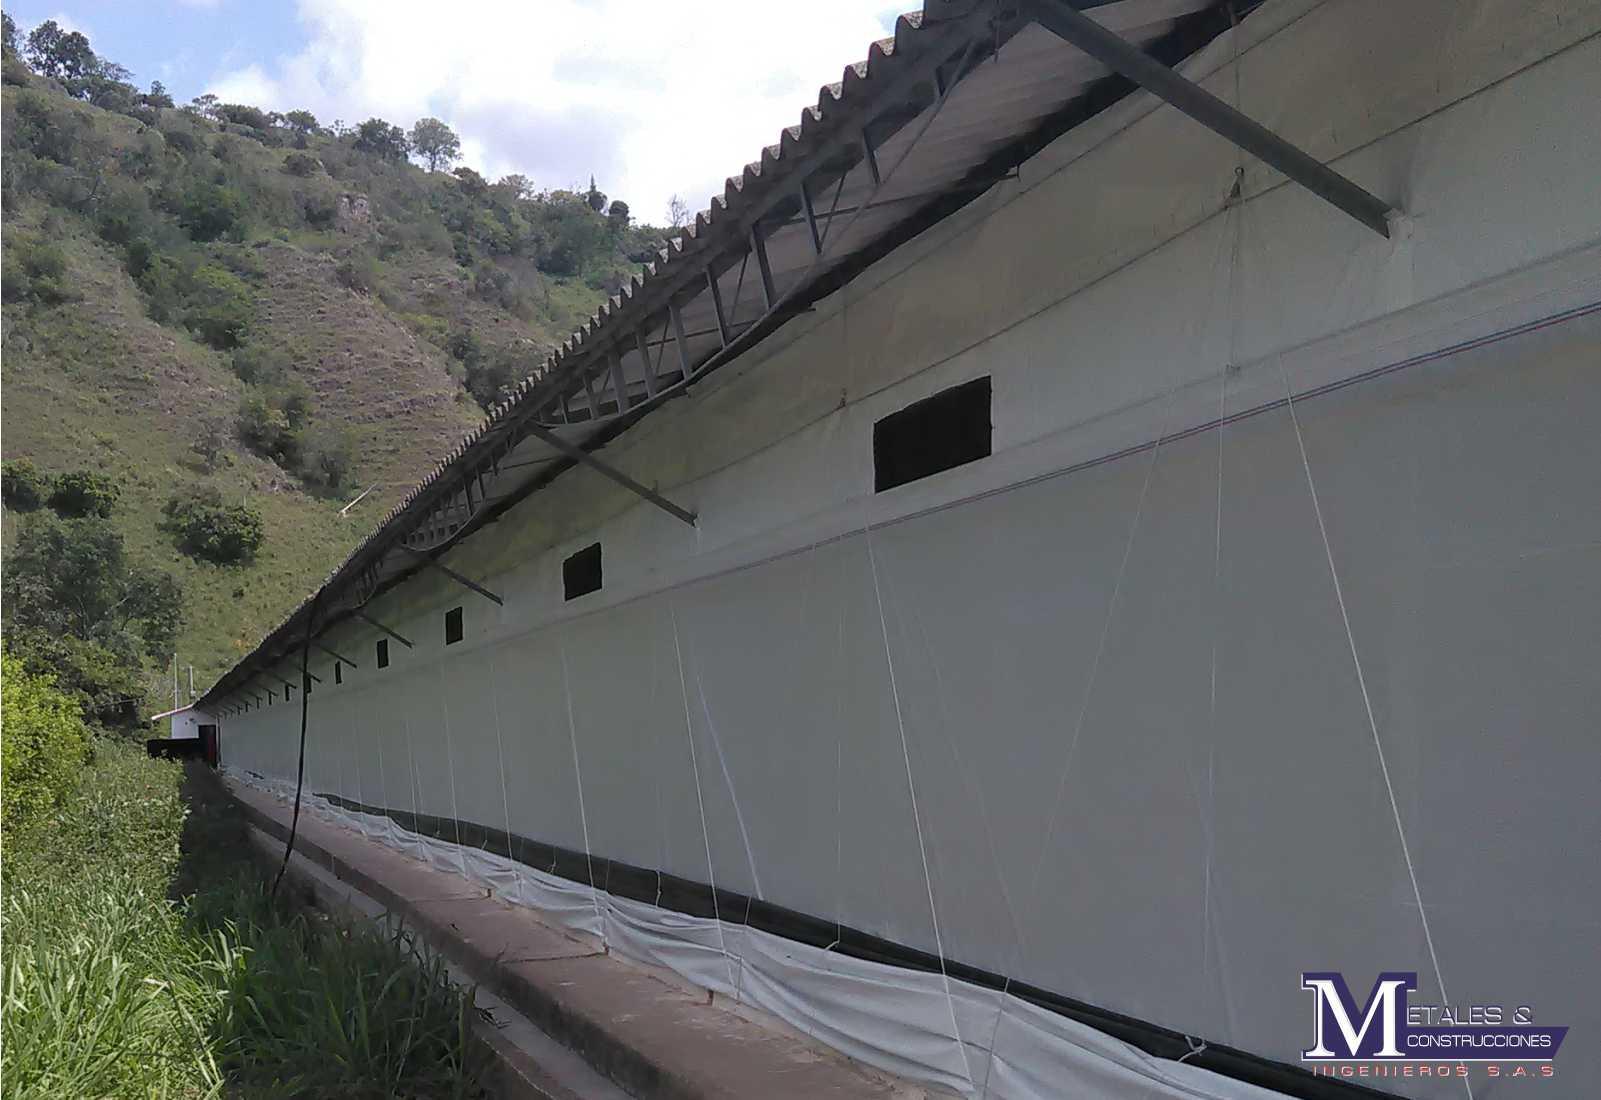 Ambiente Controlado Metales y Construcciones 2008